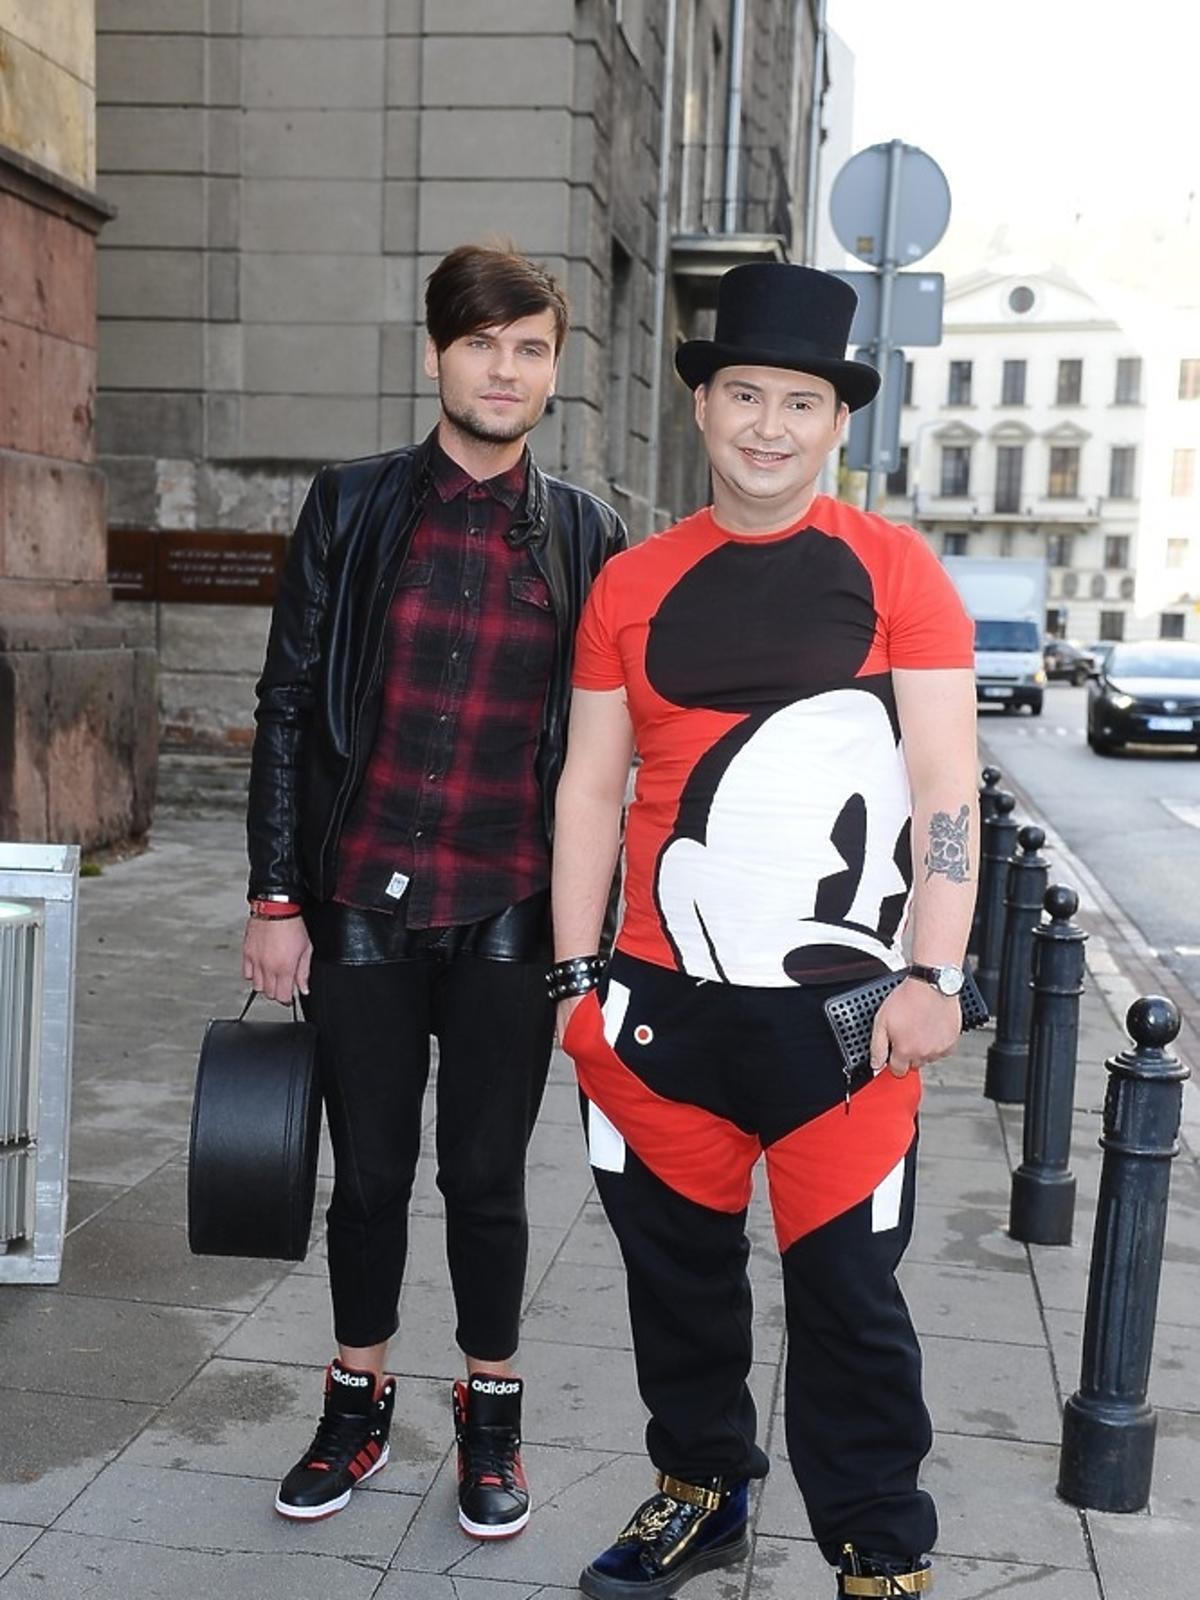 Michał Witkowski w bluzie w myszke miki z partnerem na ulicy